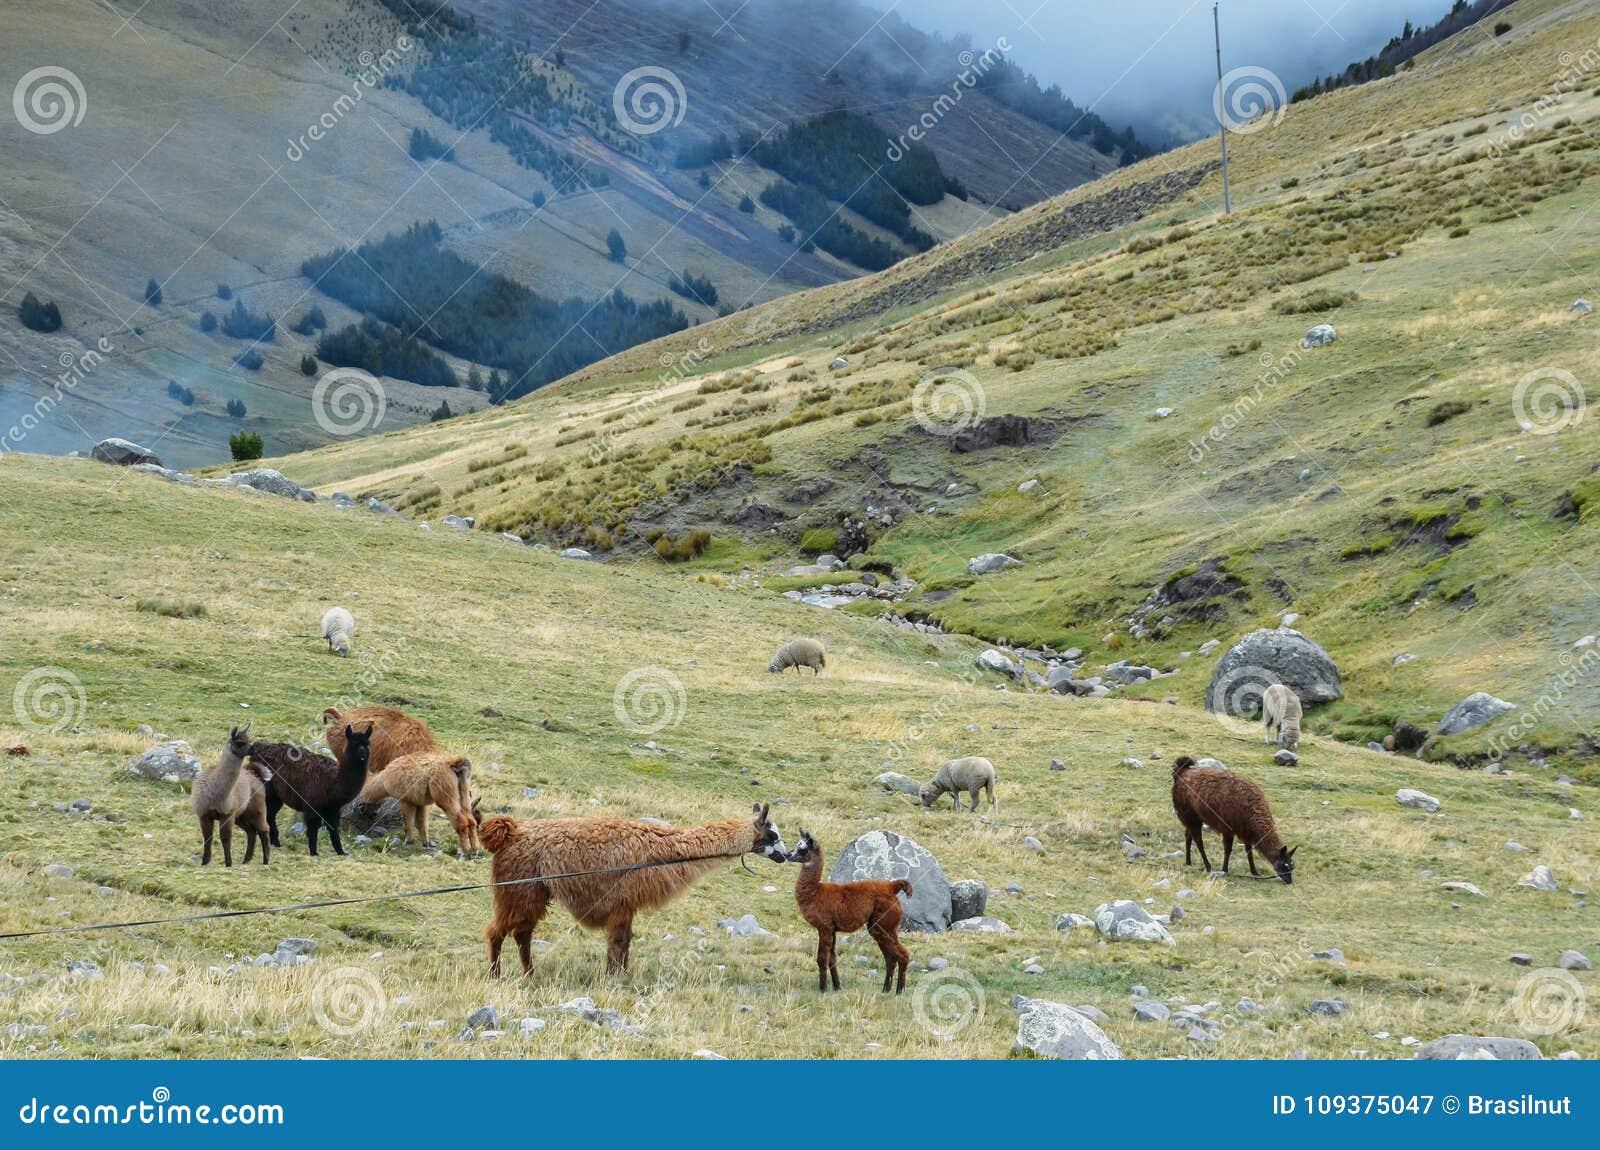 La llama es un camelid suramericano domesticado, ampliamente utilizado como una carne y animal de paquete por las culturas andina